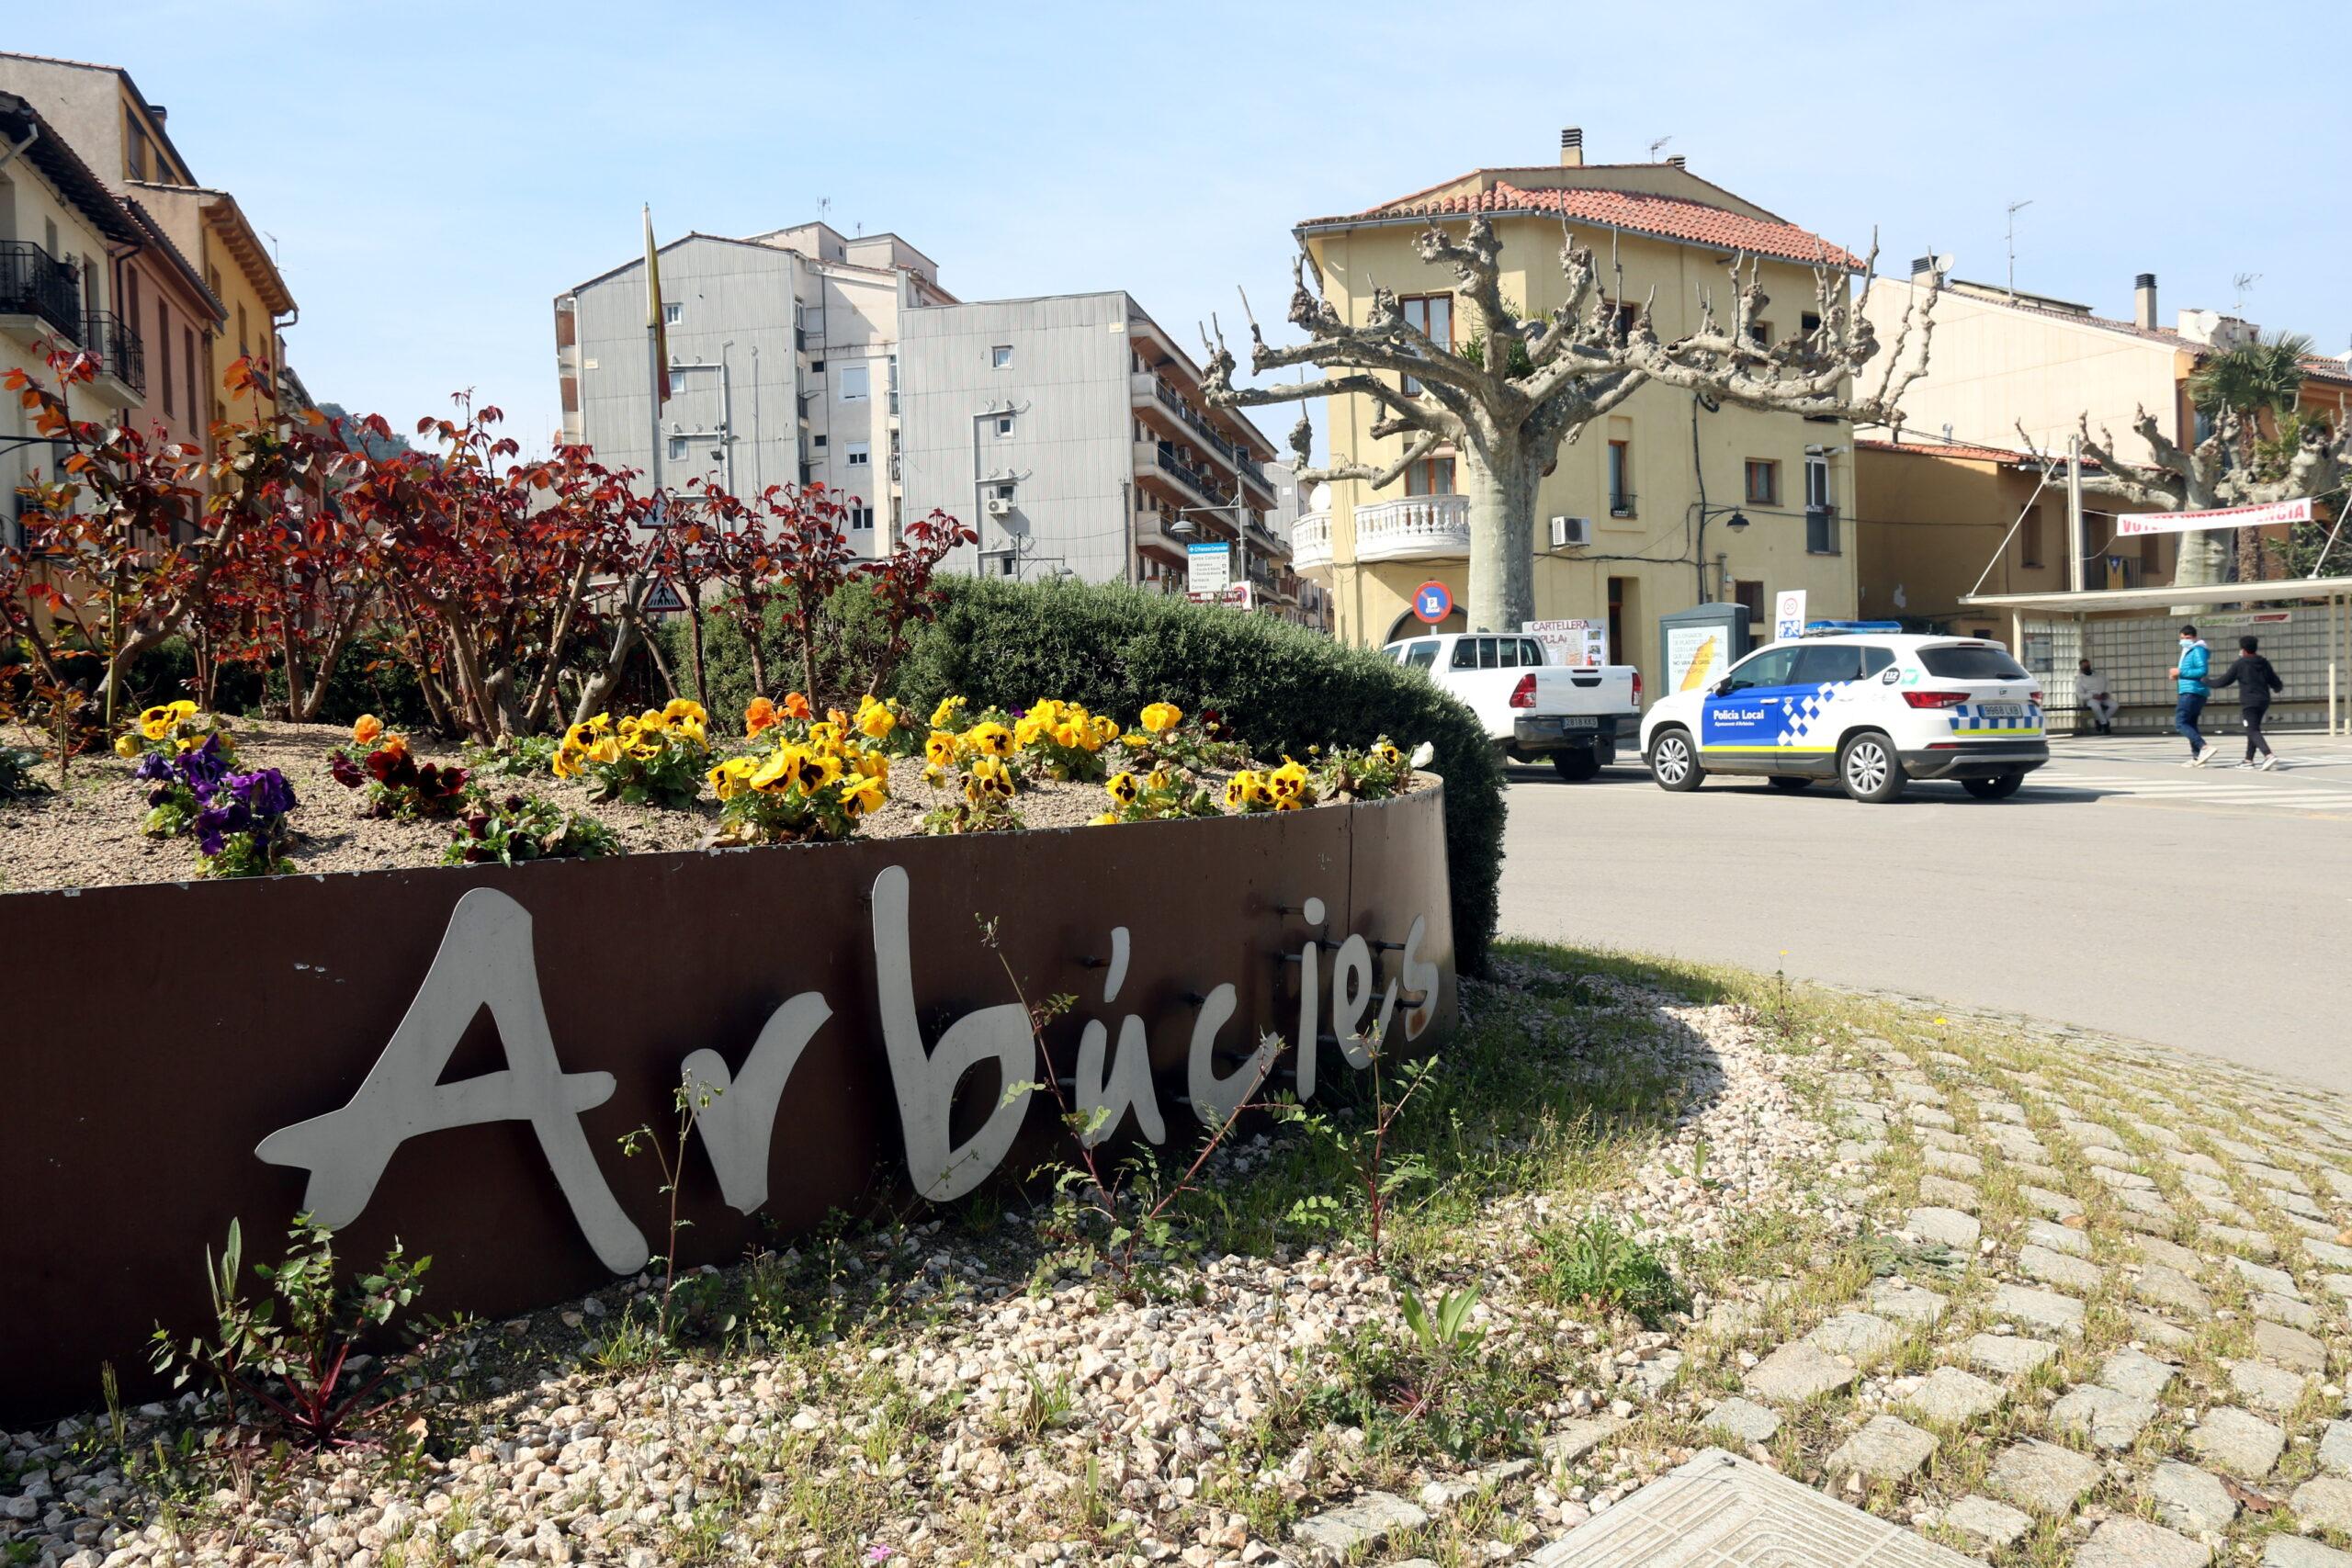 La rotonda d'entrada a Arbúcies, amb les lletres de ferro forjat amb el nom del poble (ACN)